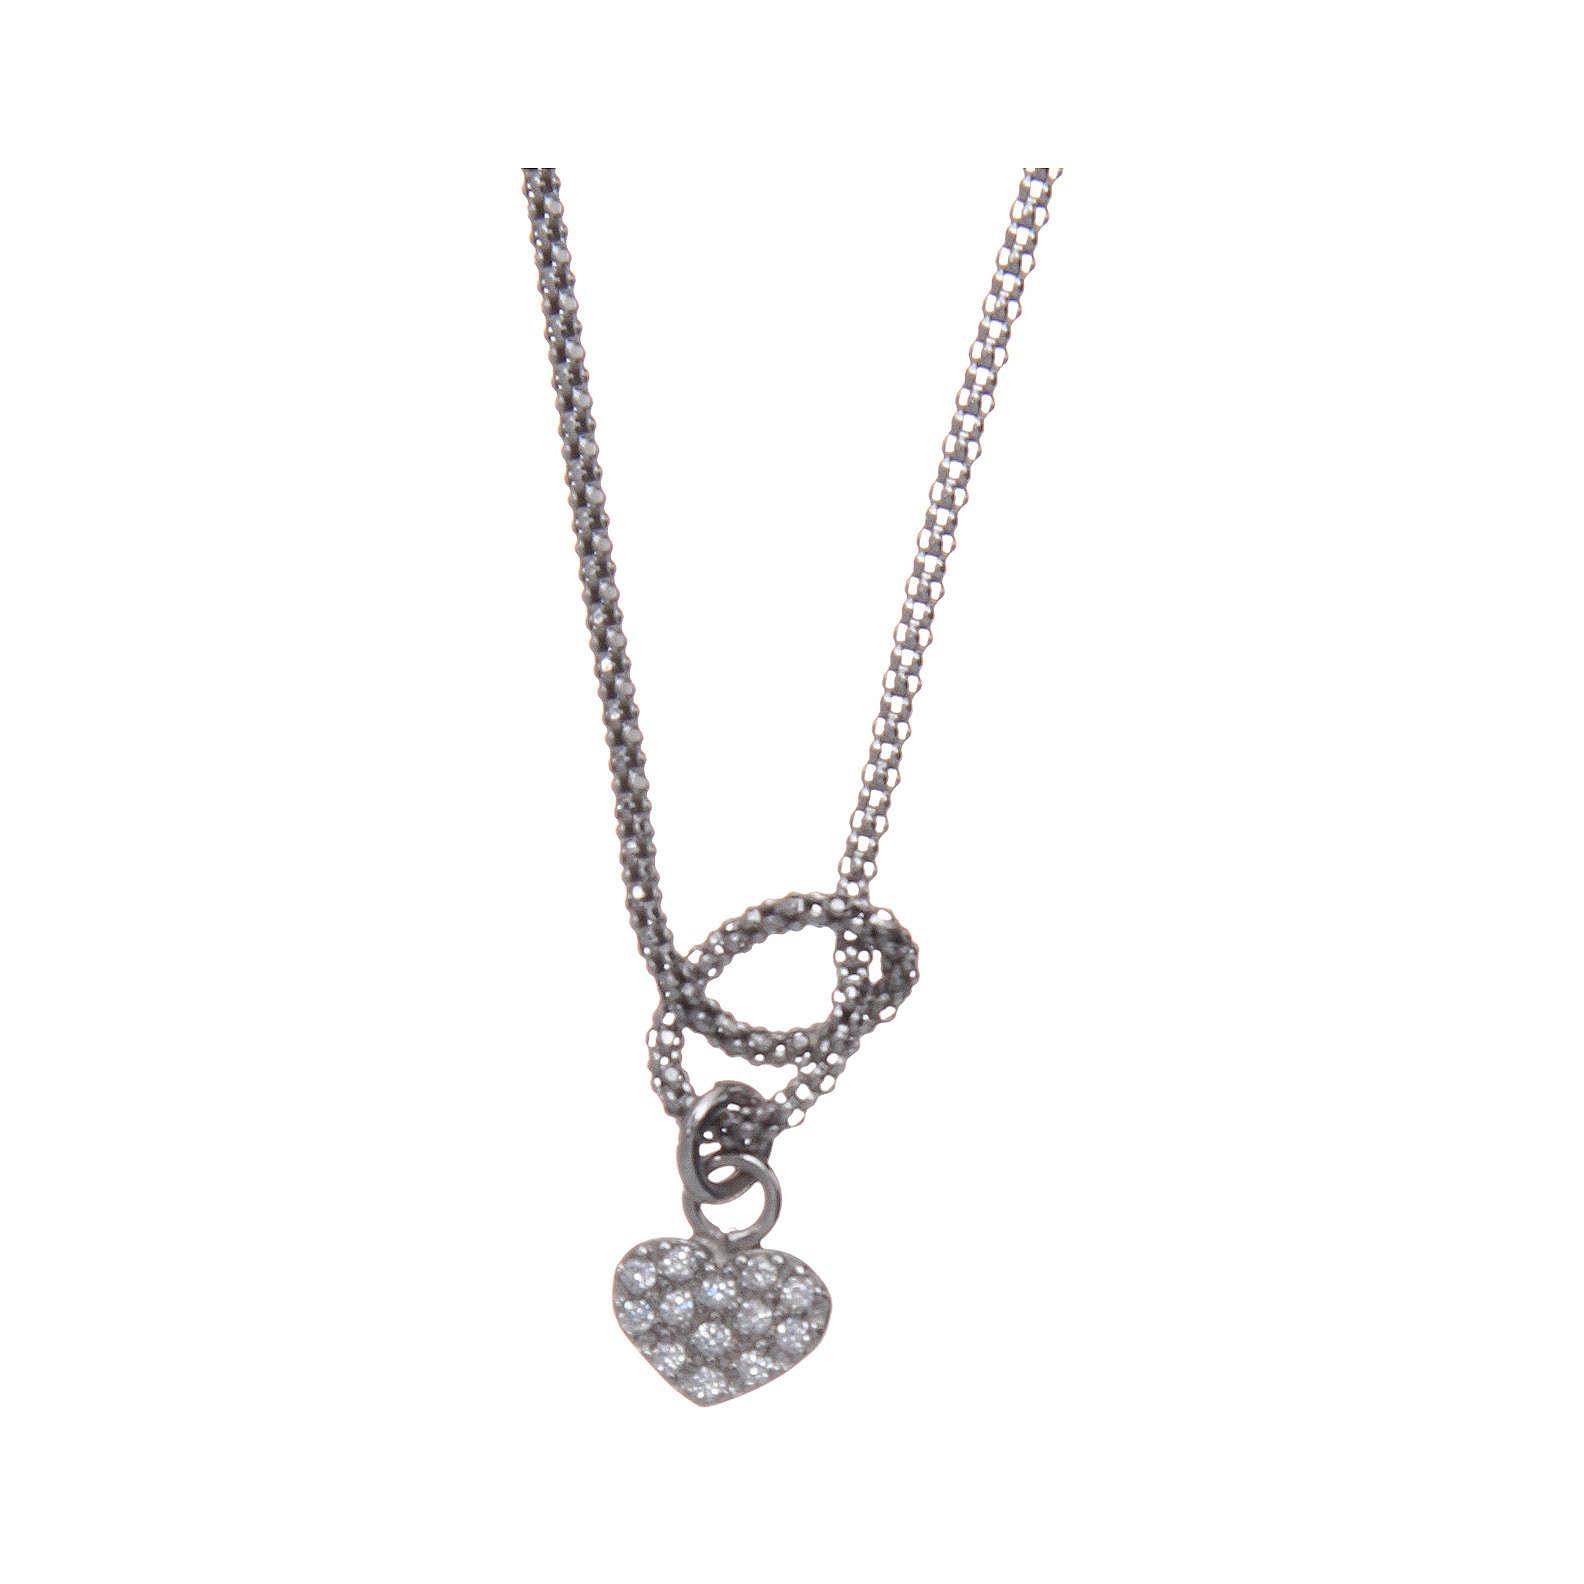 Collier argent 925 rhodié AMEN avec noeud et coeur zircons 4